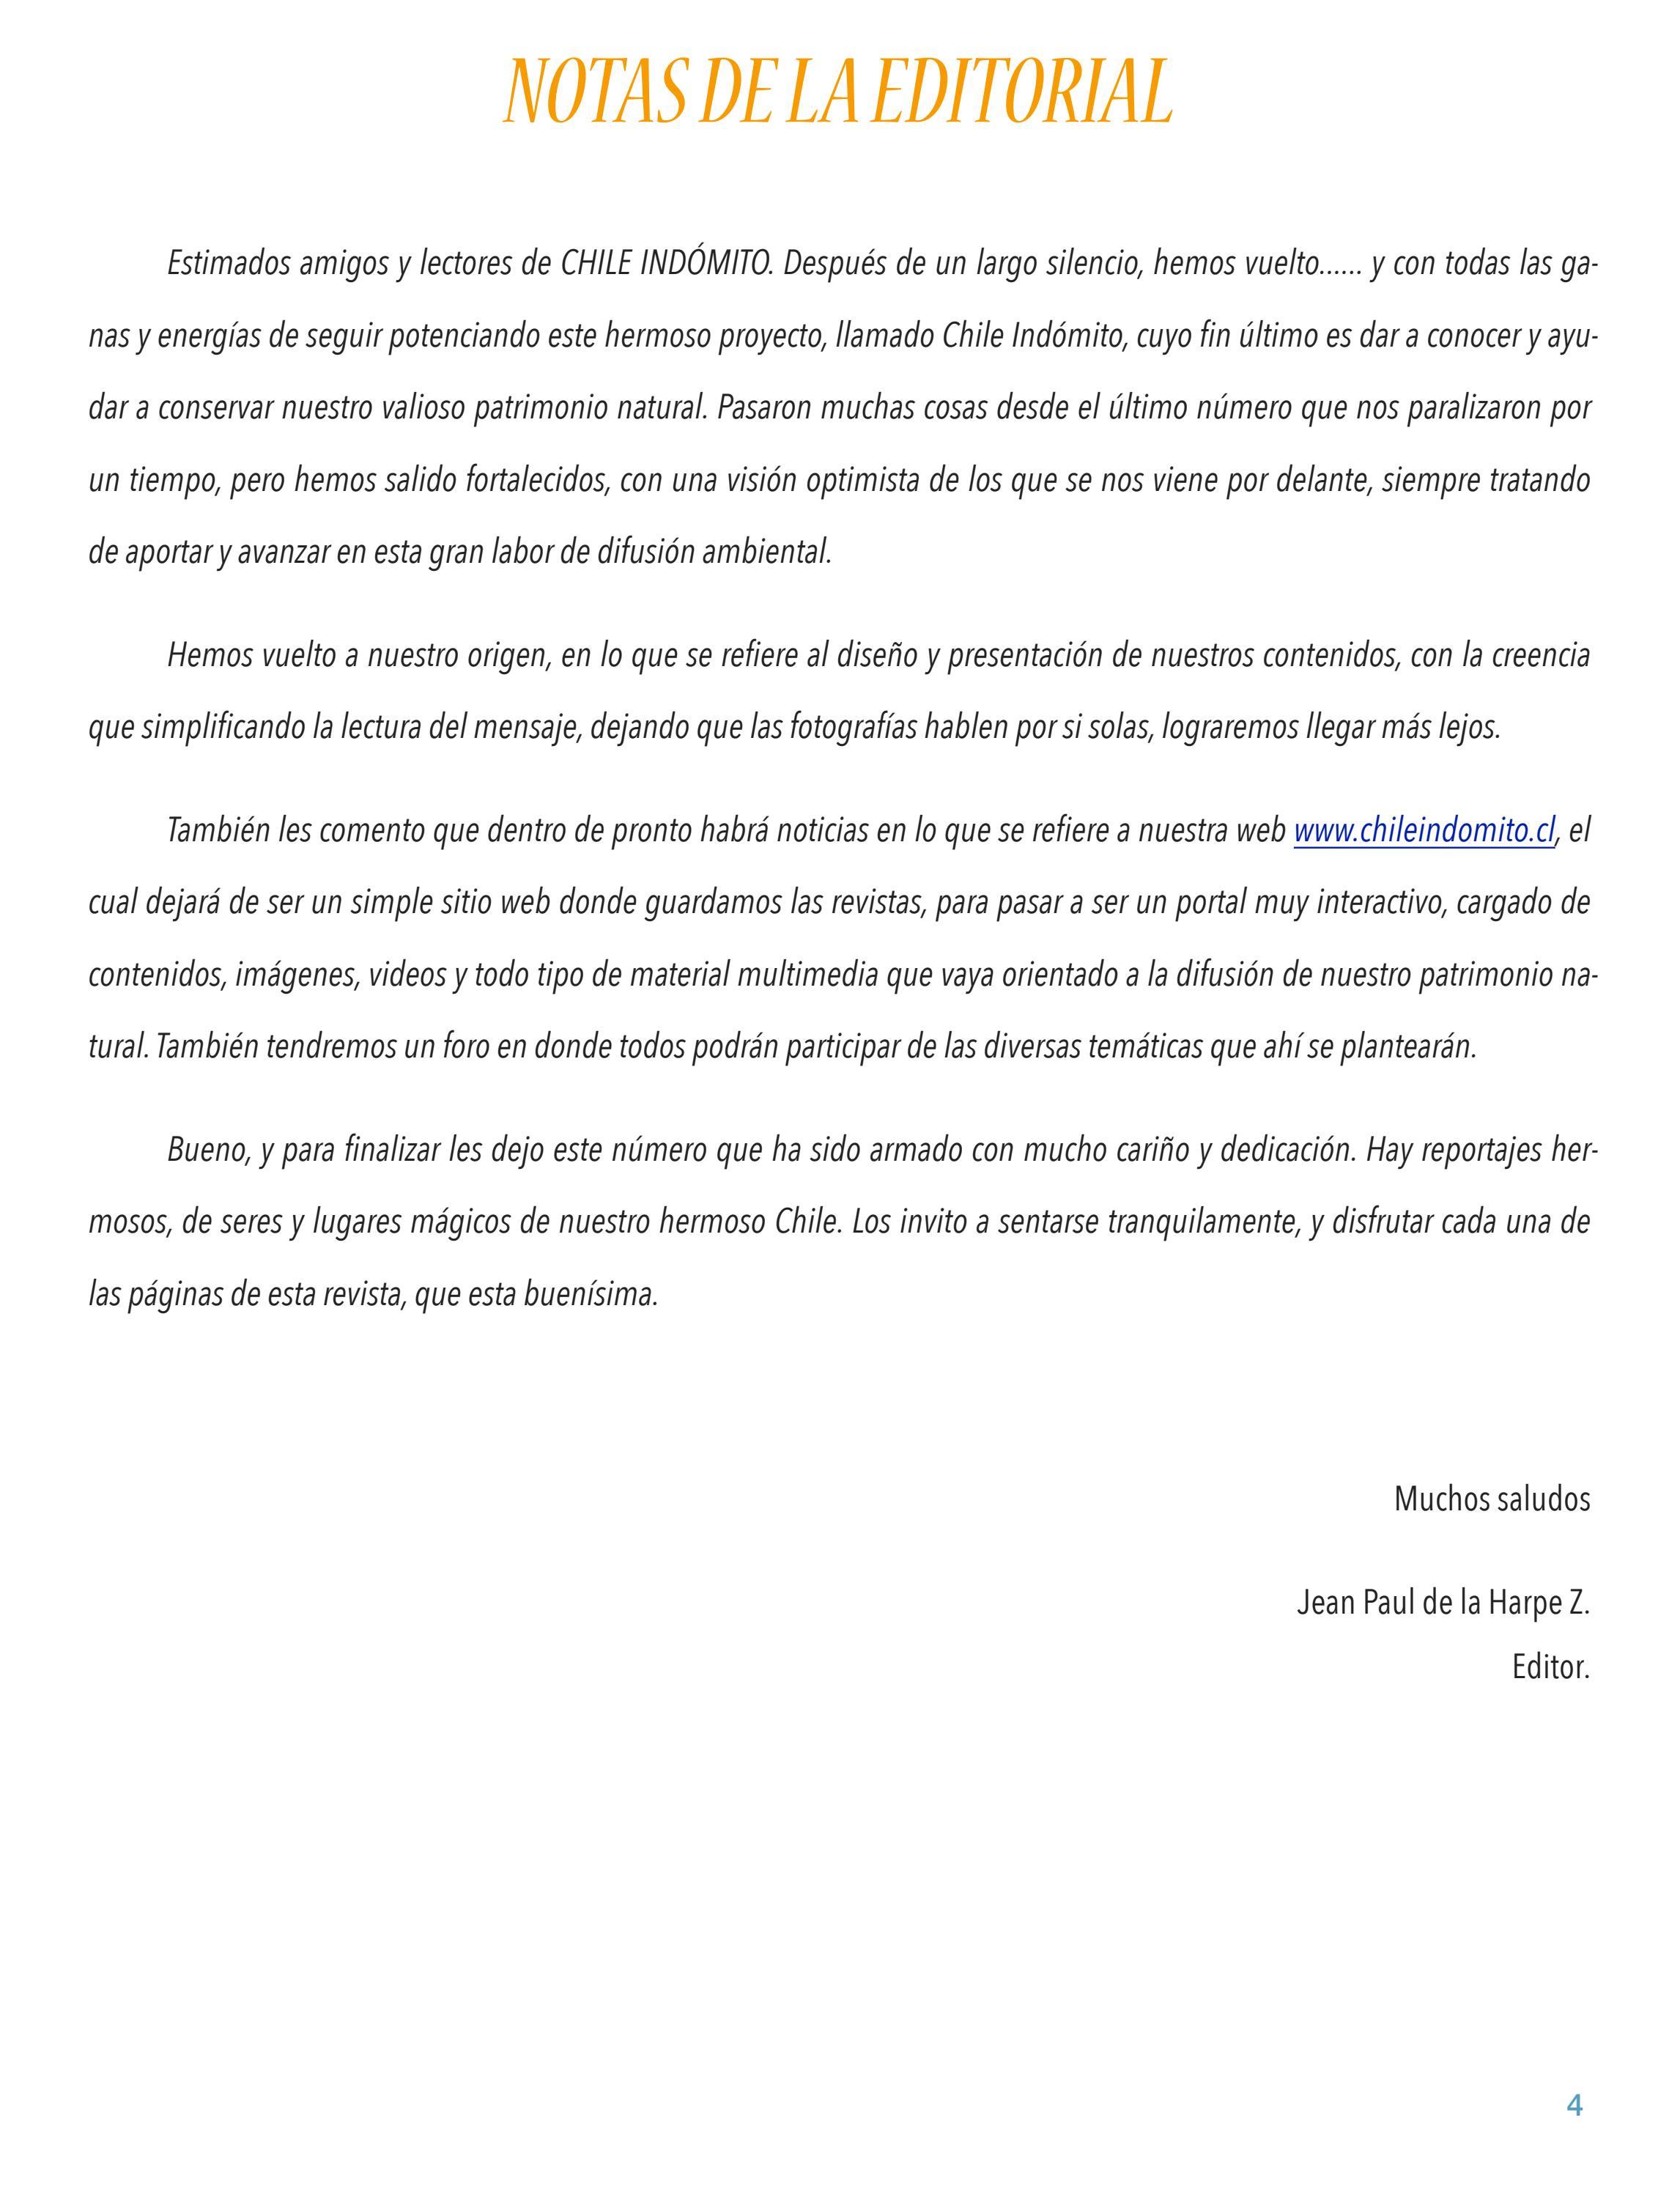 a12bec8480b21 Chile Indómito - Número 18 - Agosto 2015 by jean de la harpe - issuu